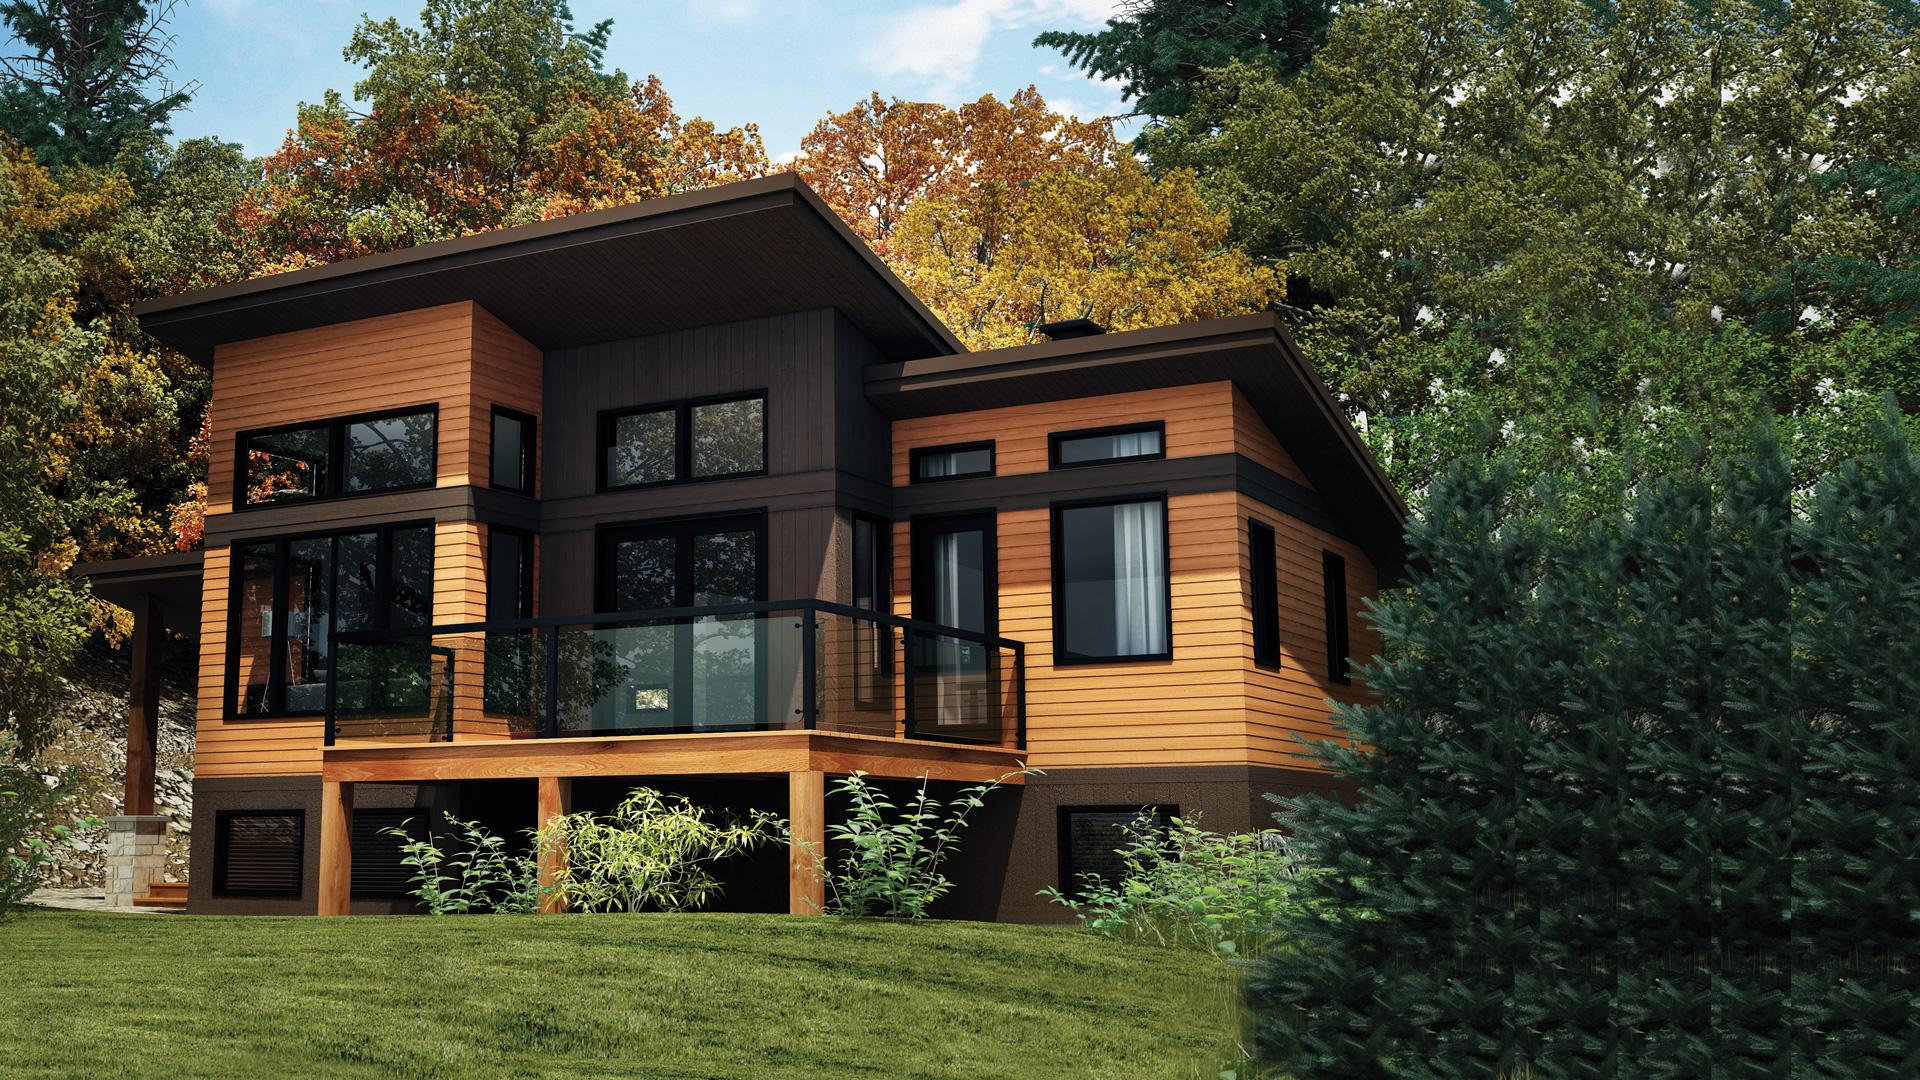 Mod le panorama maison vill giature chalets pro fab constructeur de maisons modulaires et - Plan de maison quebec ...